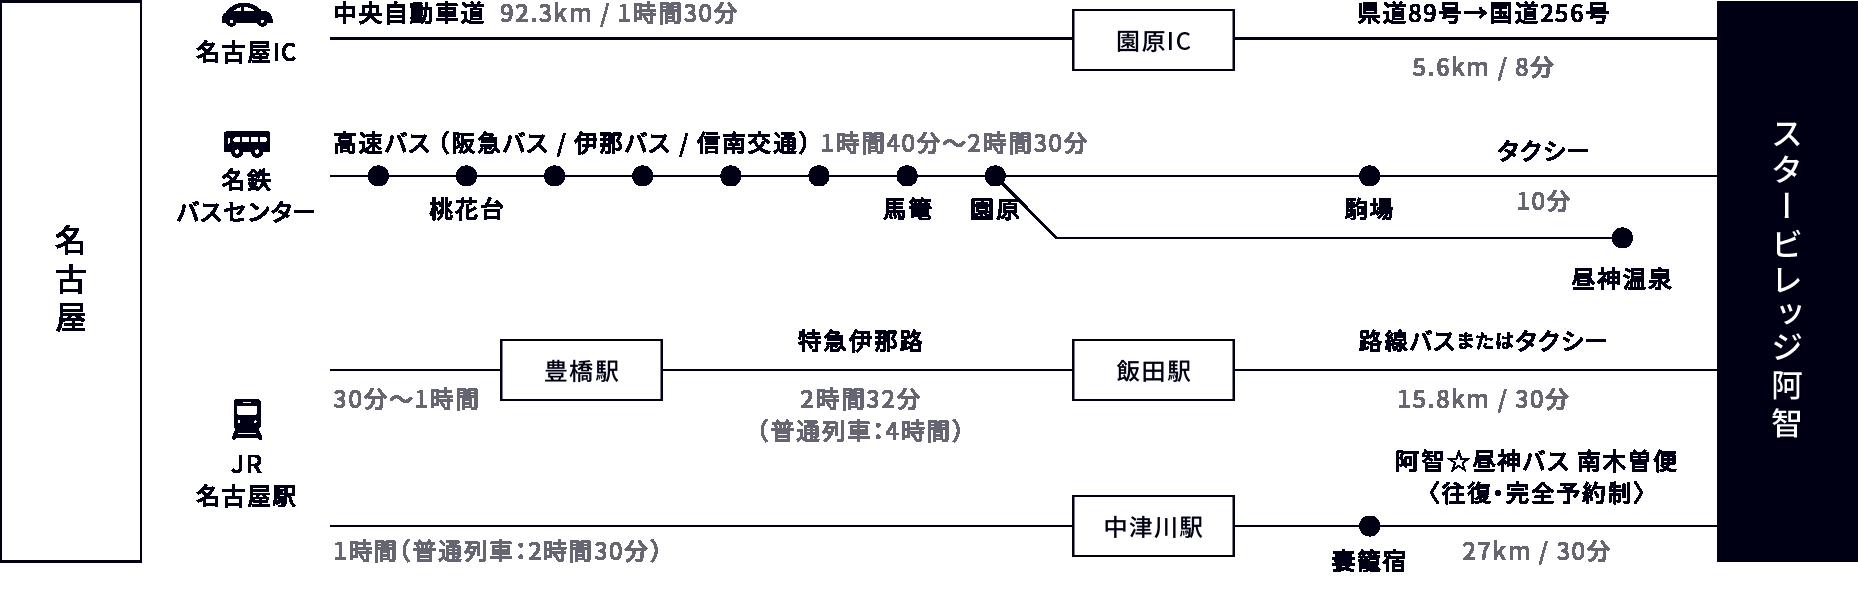 名古屋からのアクセス方法